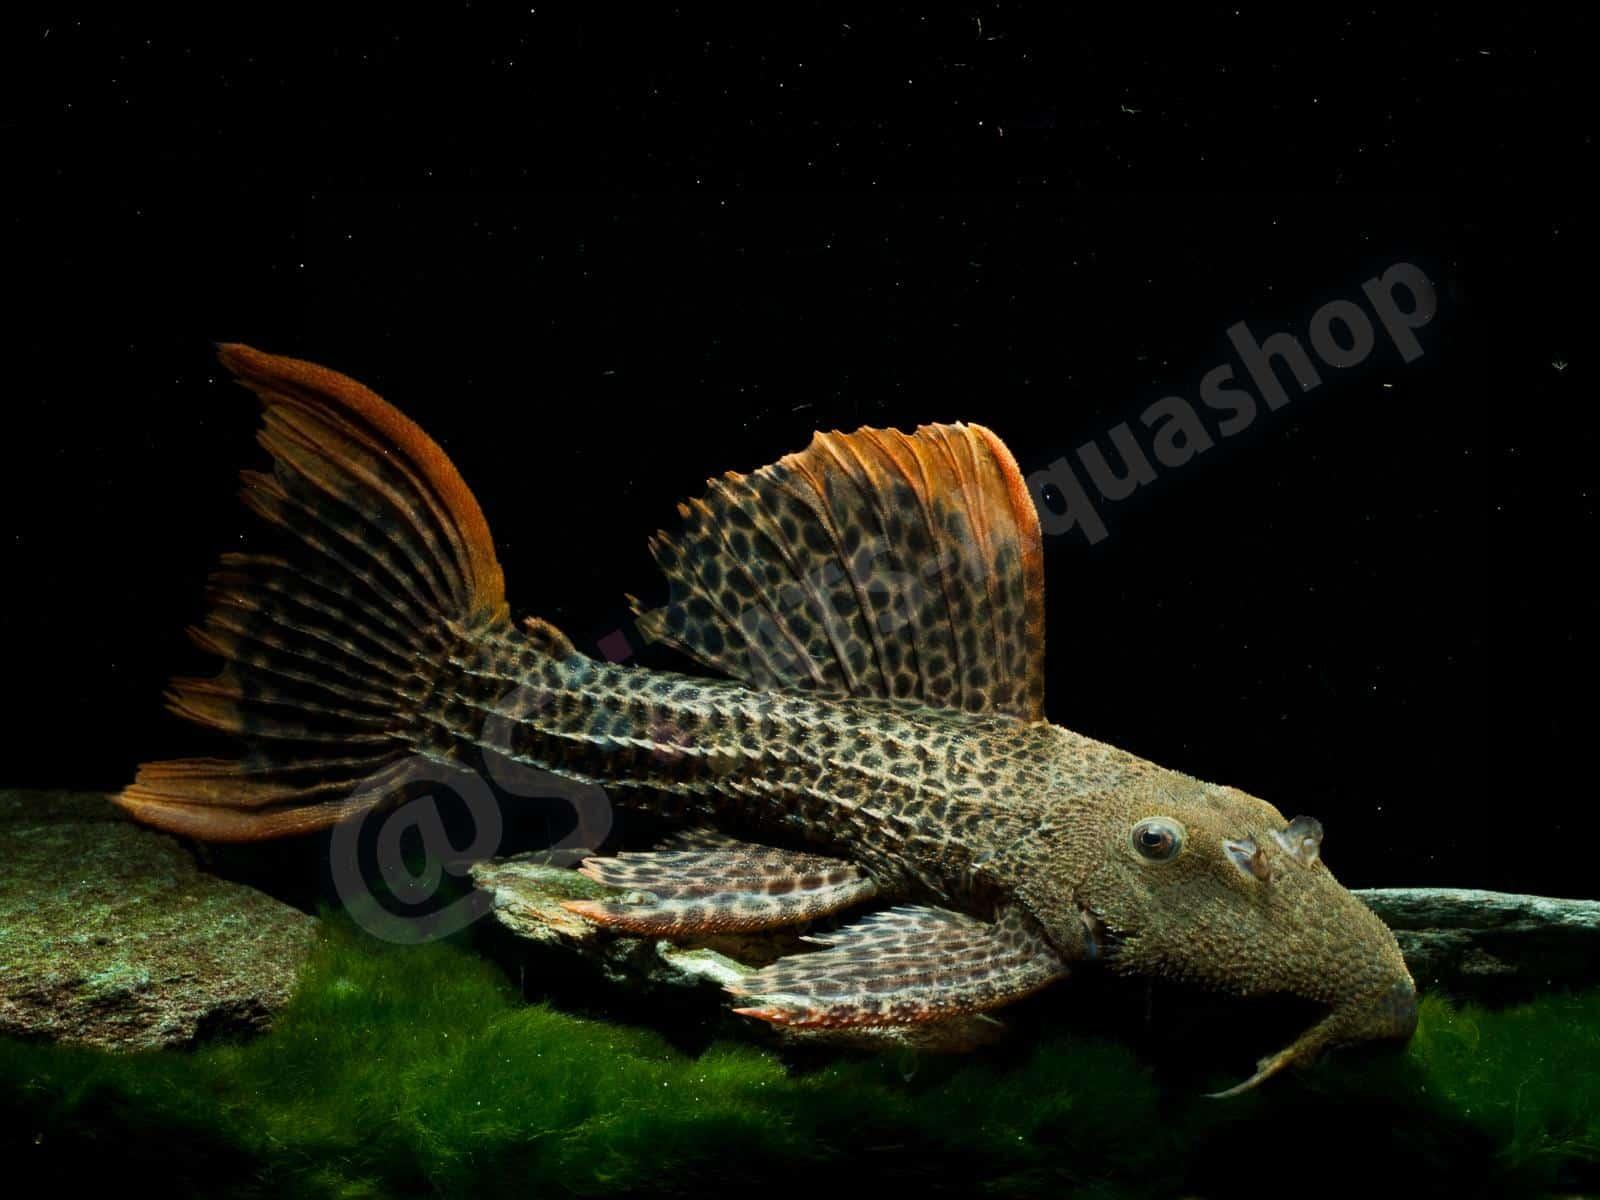 pseudacanthicus leopardus enrico richter 0119 6